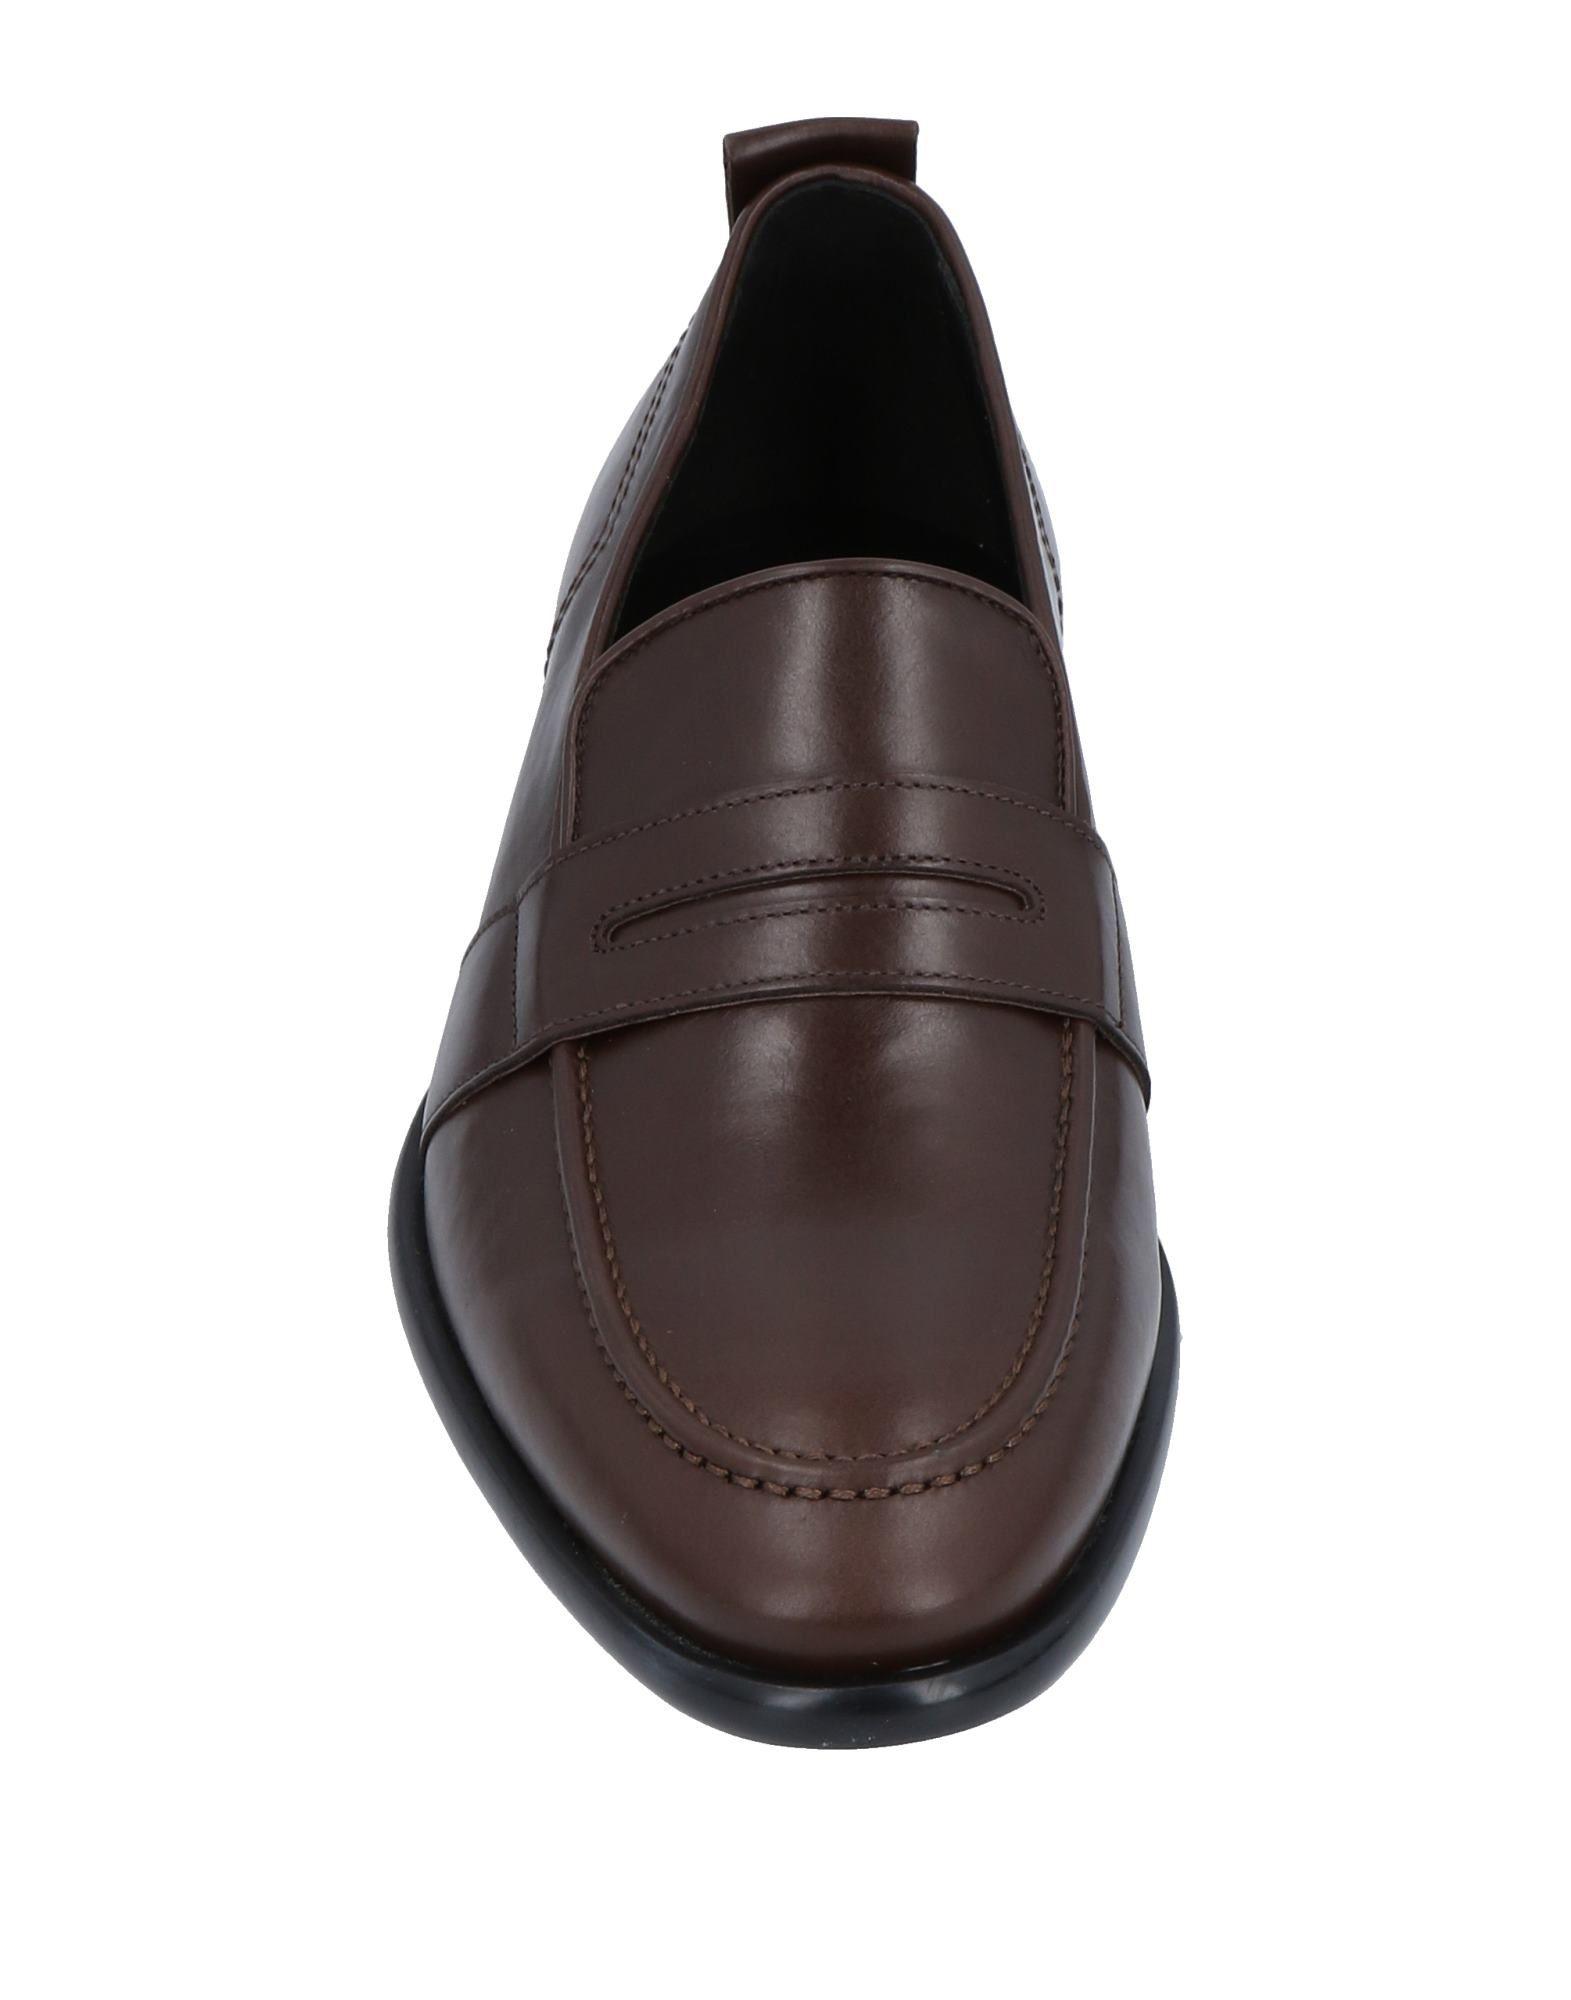 Bruno 11522853IM Bordese Mokassins Herren  11522853IM Bruno Gute Qualität beliebte Schuhe 2734a5